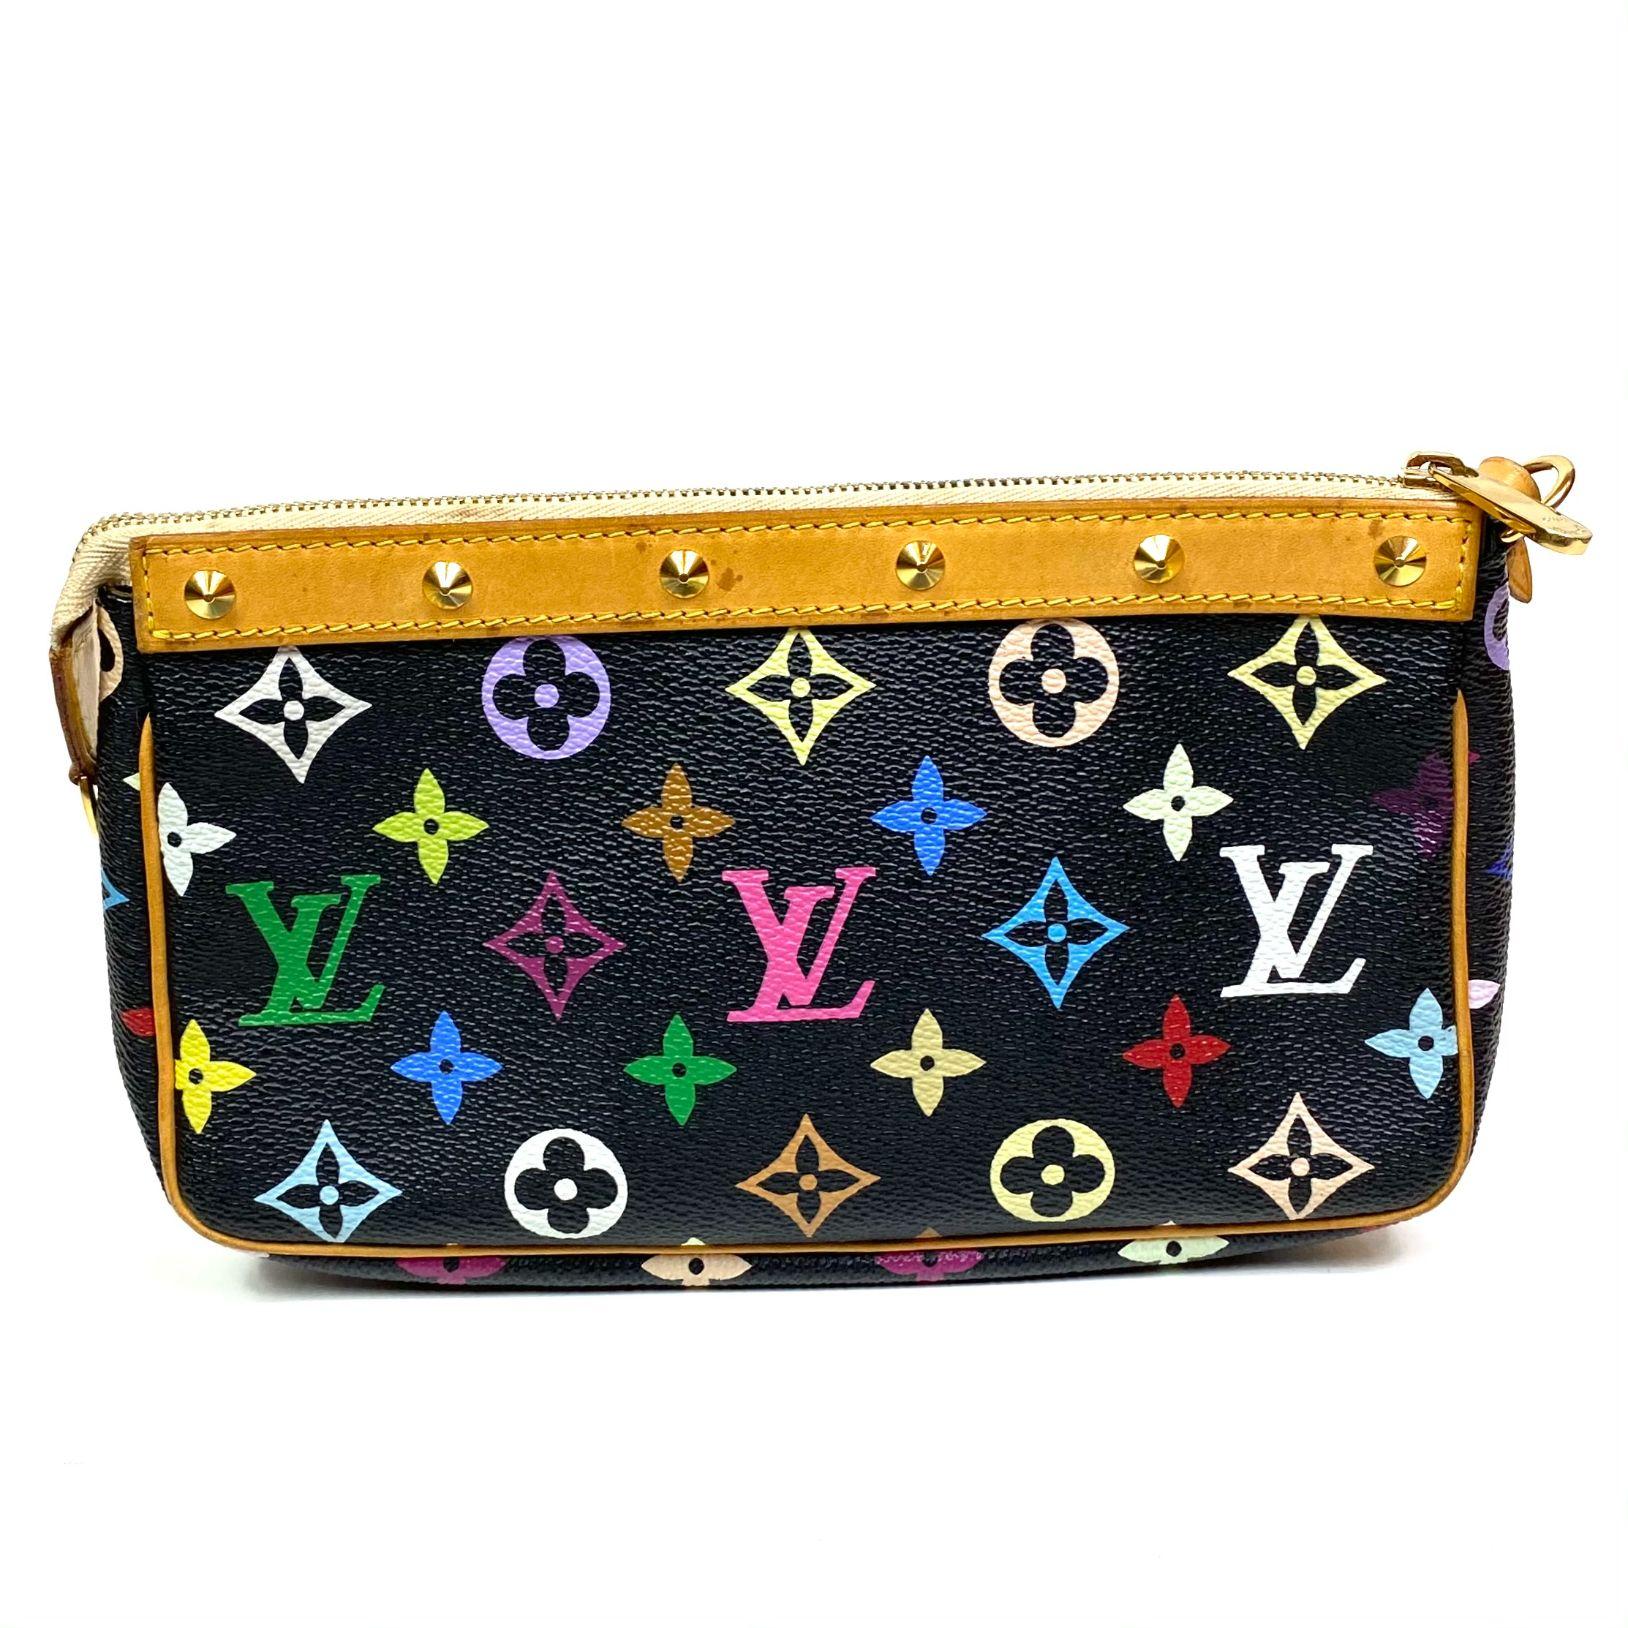 Bolsa Louis Vuitton Pochette Accessories Multicolore